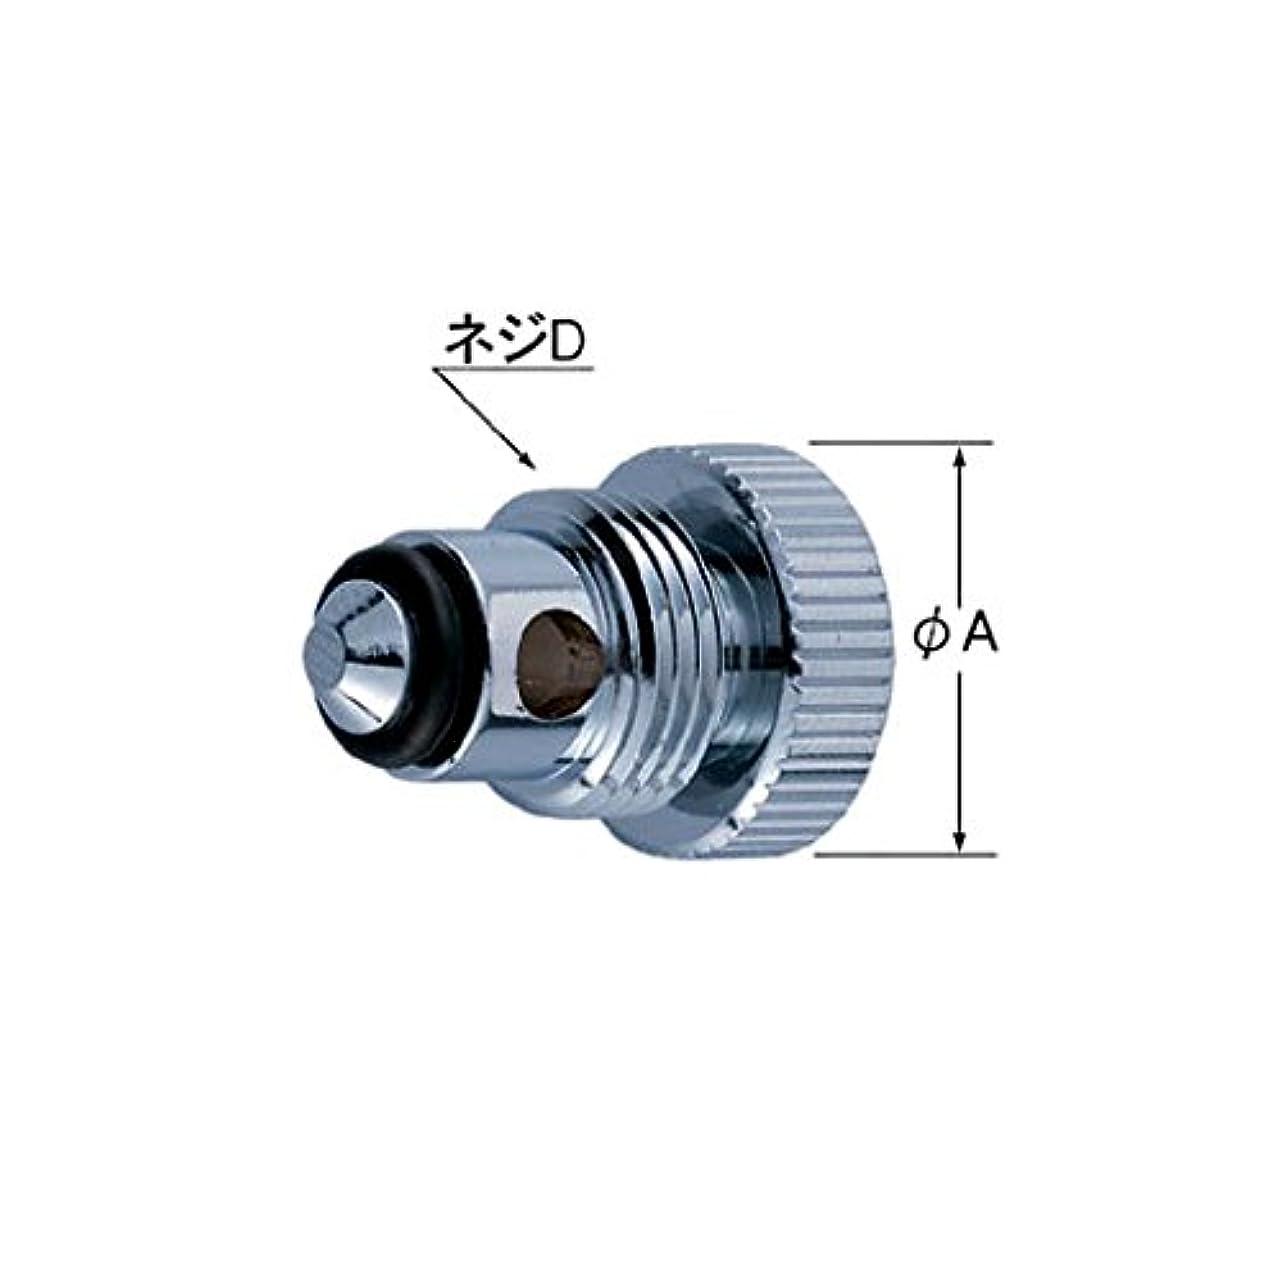 冗長錫収縮LIXIL(リクシル) INAX 寒冷地タイプ全般用水抜スピンドル部 A-794-2